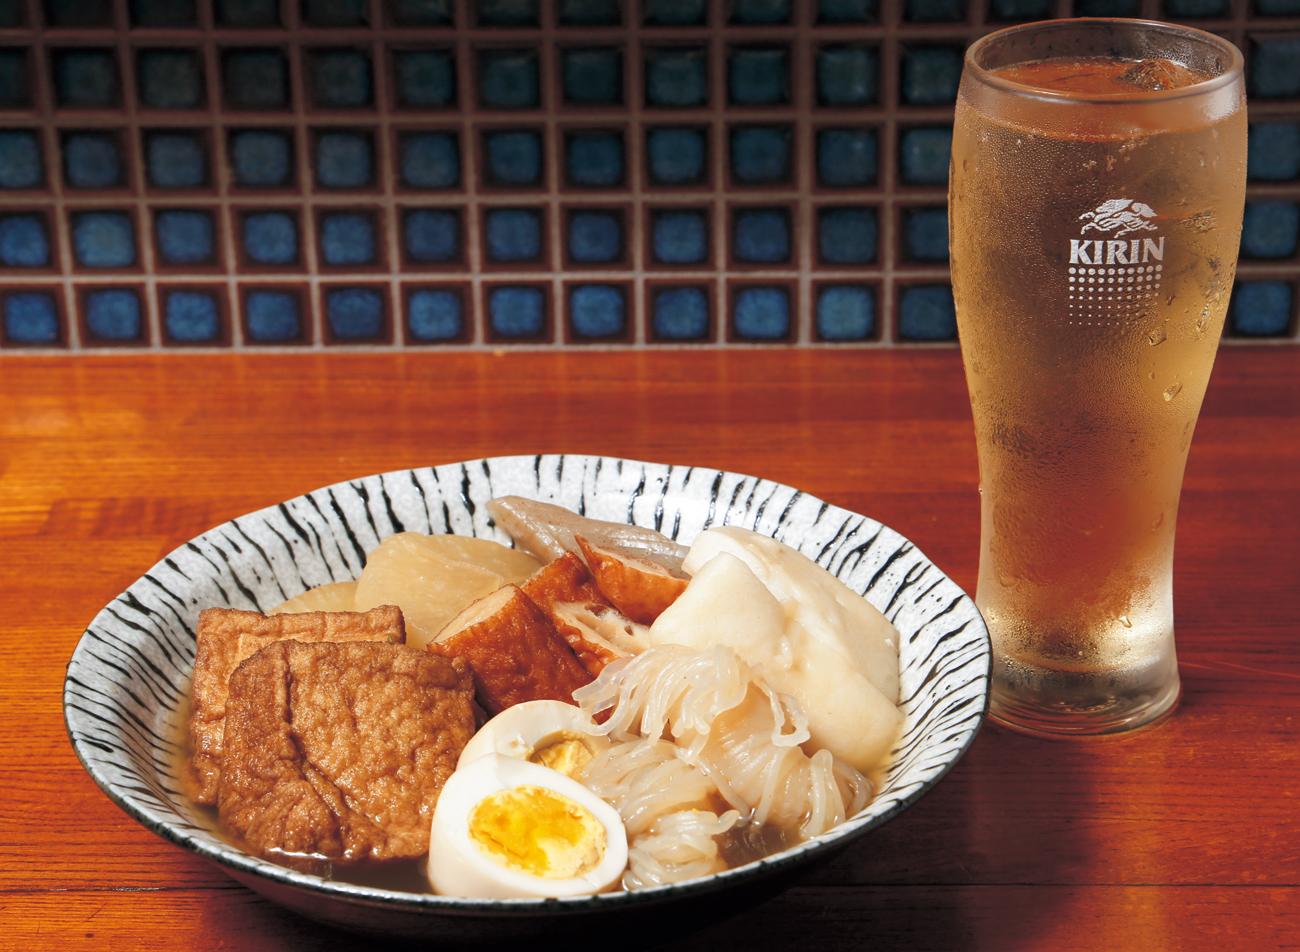 今宵は飲もうよ! 新しい居酒屋で。(後篇)徳島駅周辺の新しくできた居酒屋4選! 小粋なお店をチョイスしたいあなたにお届け。個性的でアットホームなニューフェイス♪